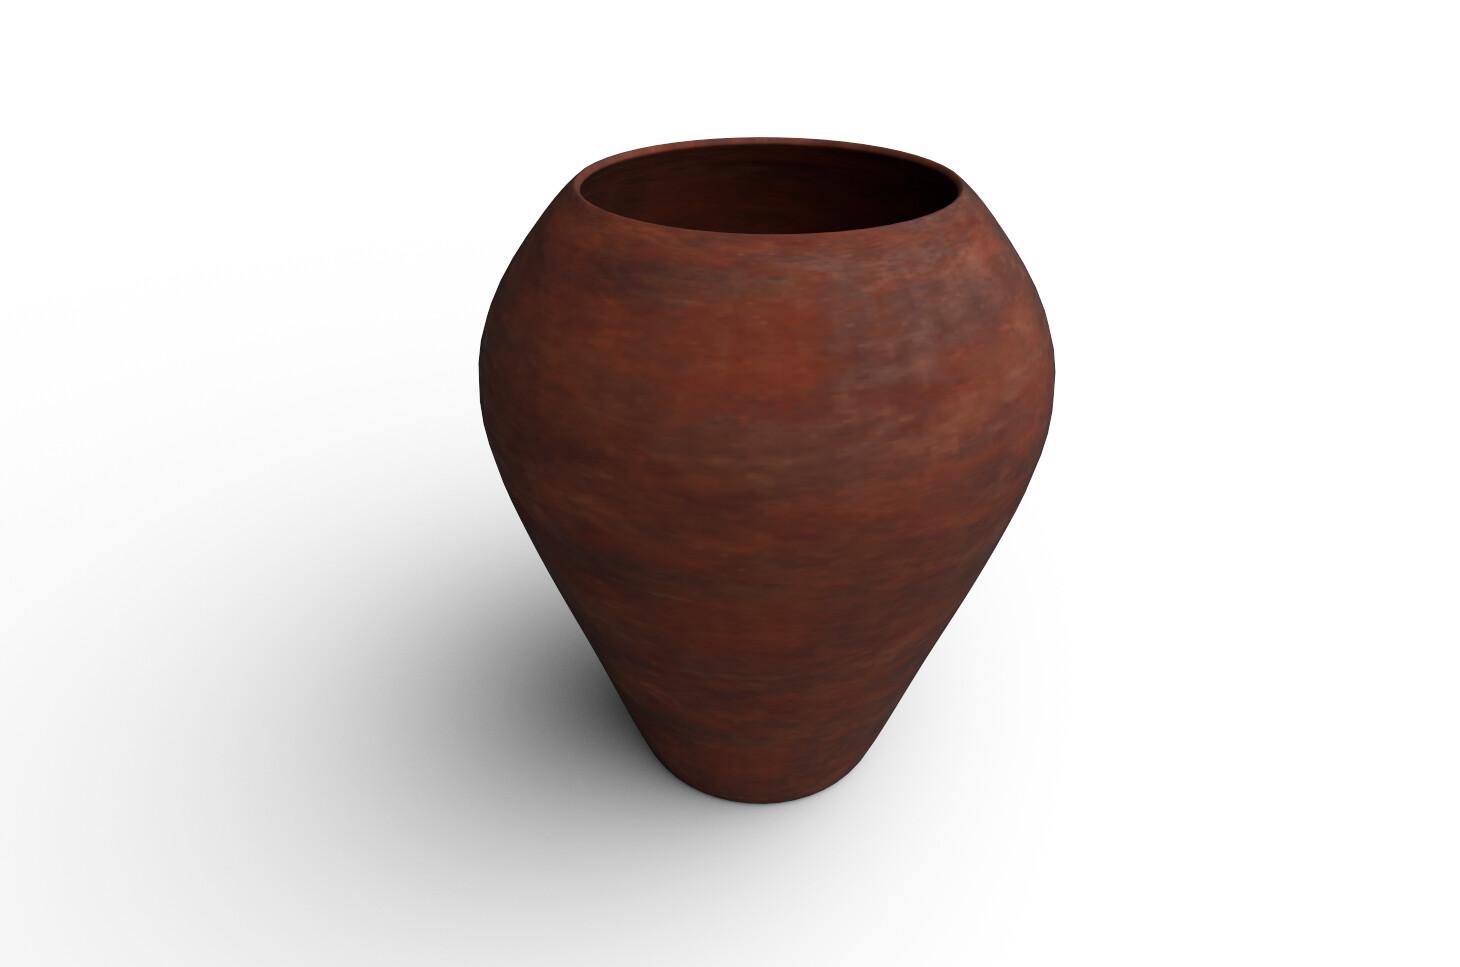 Joseph moniz vase005d